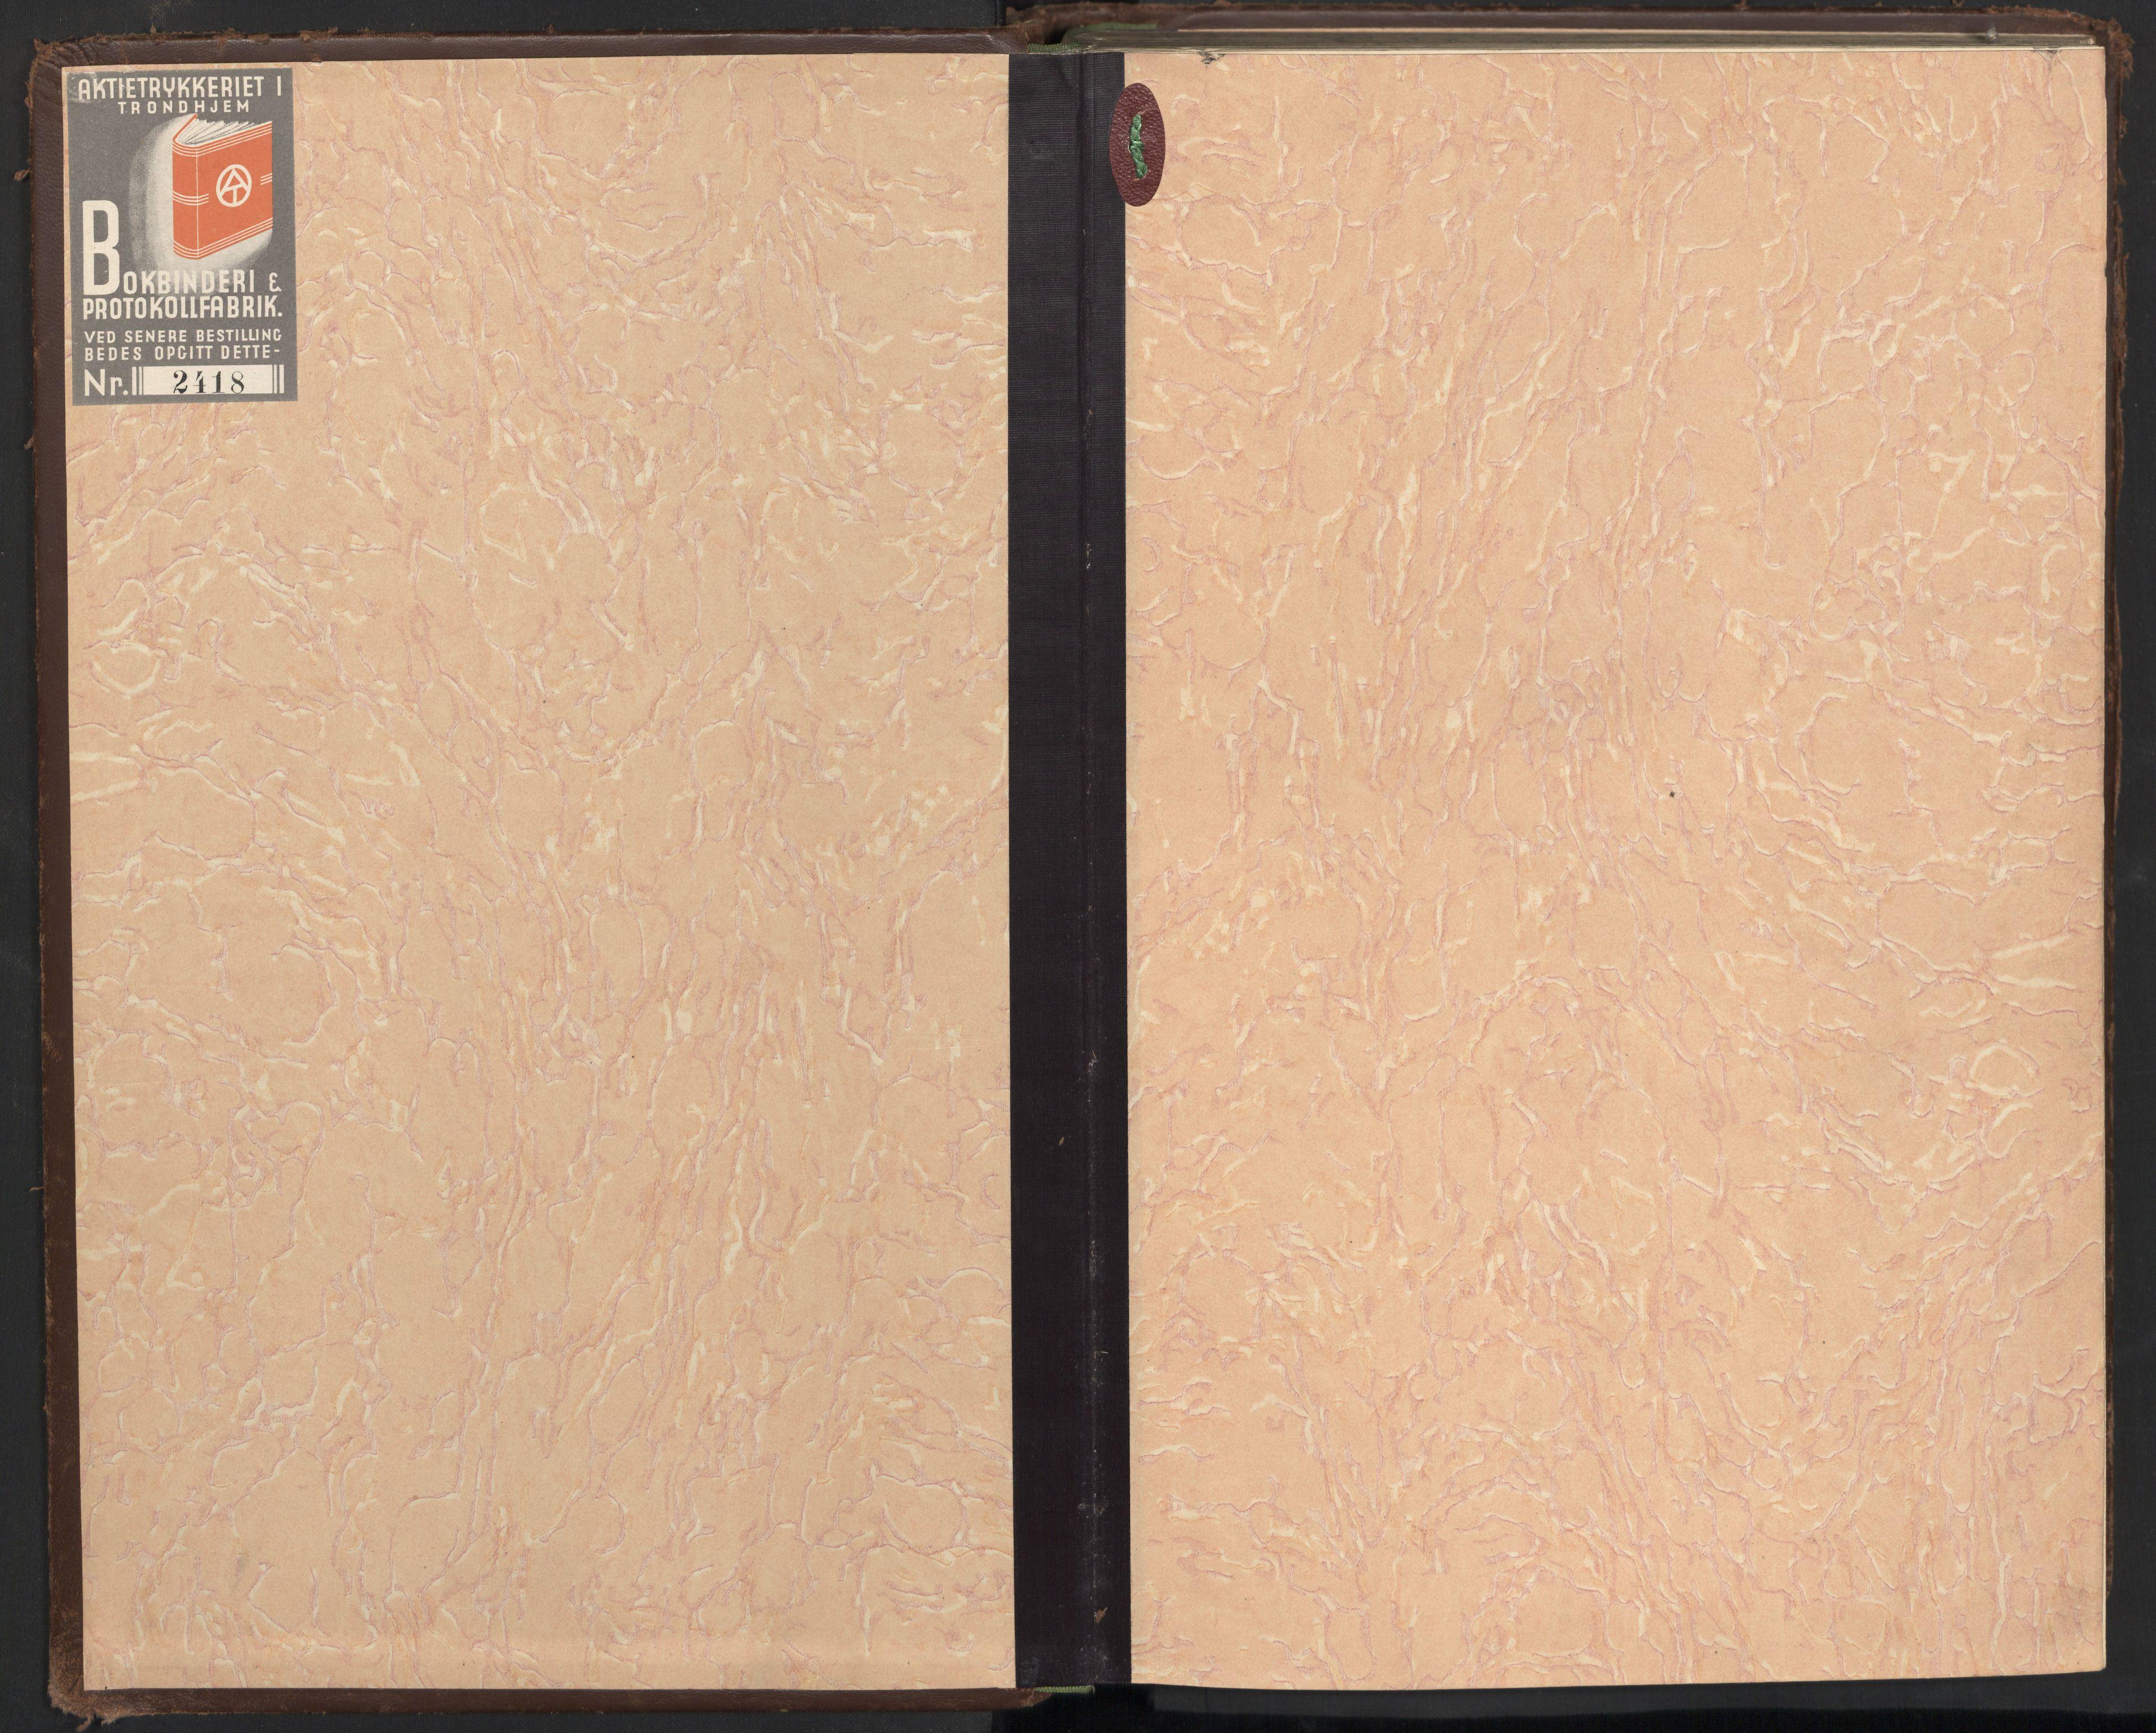 SAT, Ministerialprotokoller, klokkerbøker og fødselsregistre - Sør-Trøndelag, 605/L0263: Klokkerbok nr. 605C10, 1938-1949